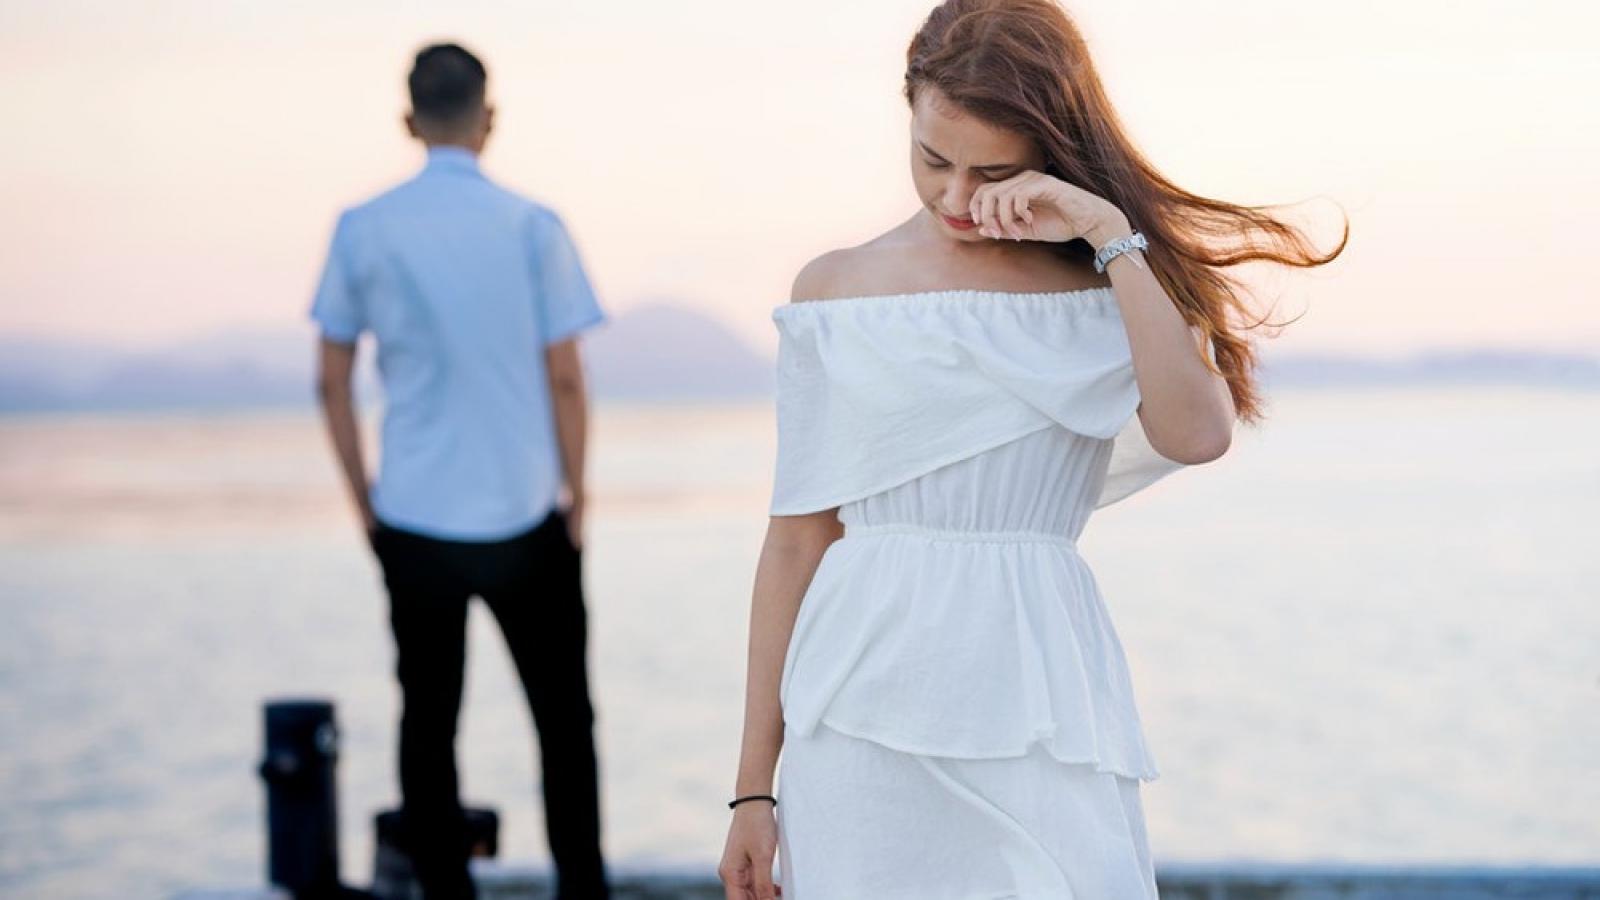 9 bài học ý nghĩa mà một mối quan hệ tan vỡ dạy cho bạn